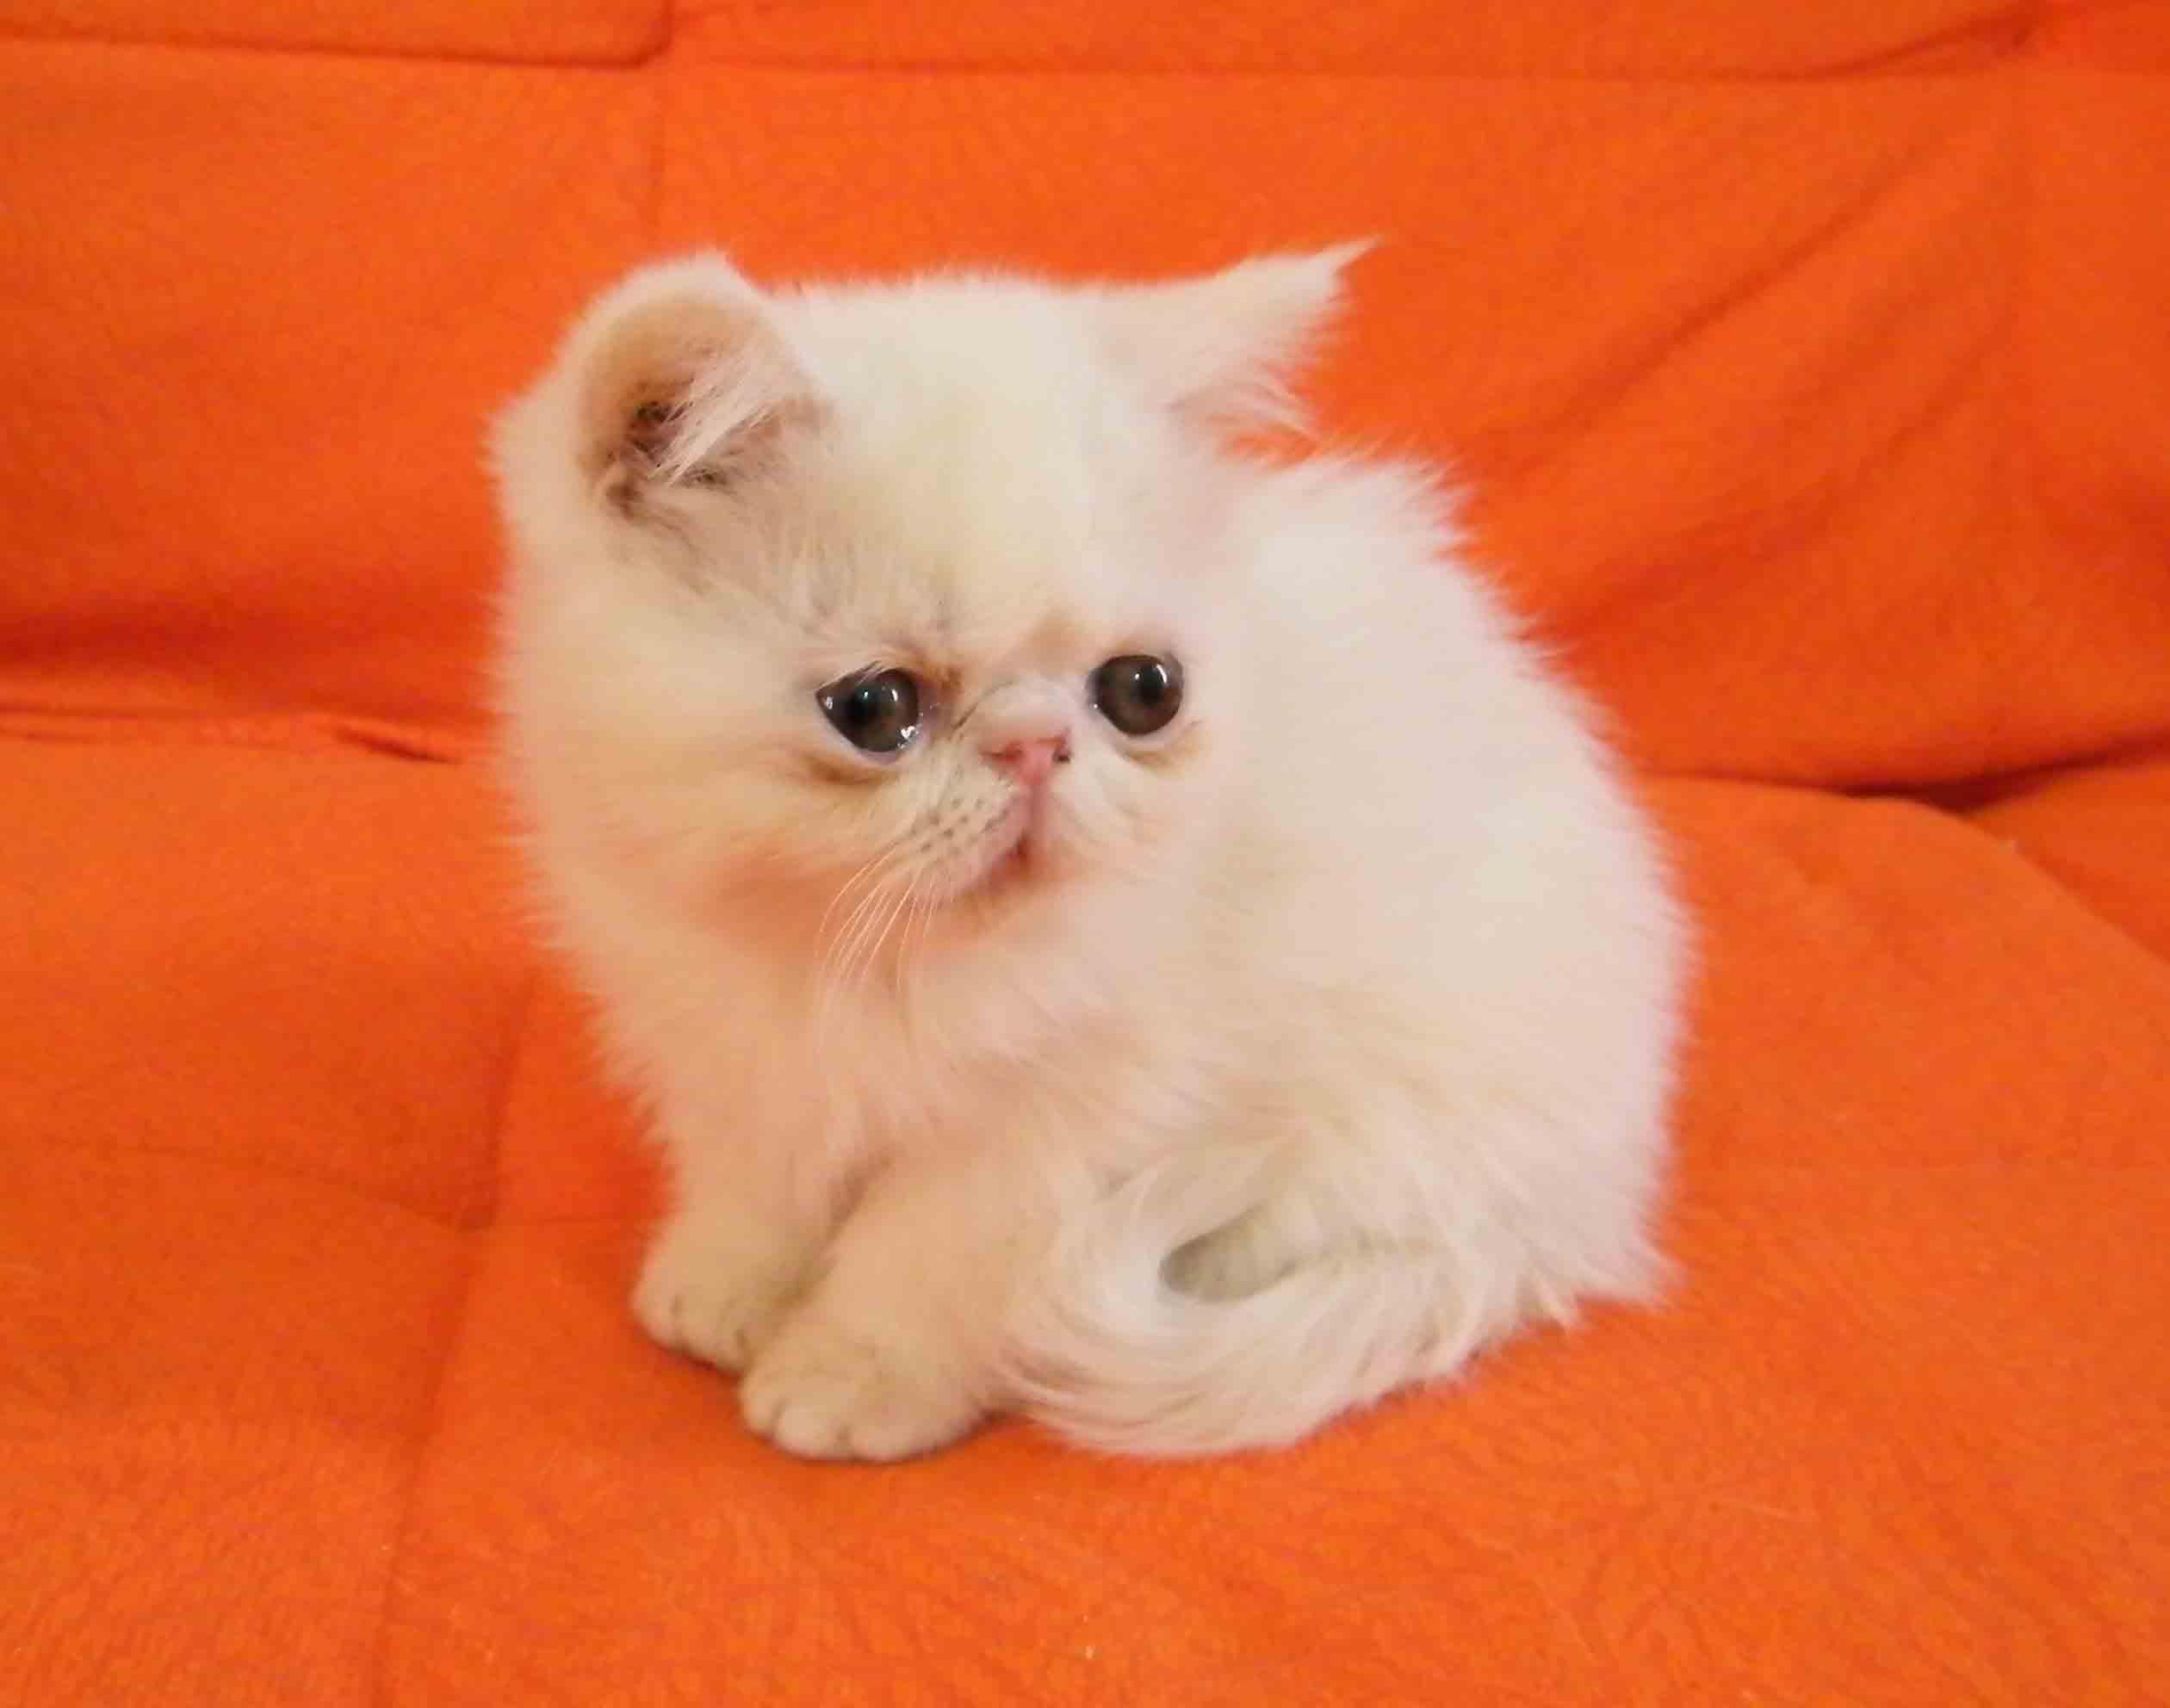 纯种加菲宠物猫咪幼猫活体蓝色猫美国猫活体短毛英国猫咪幼崽猫